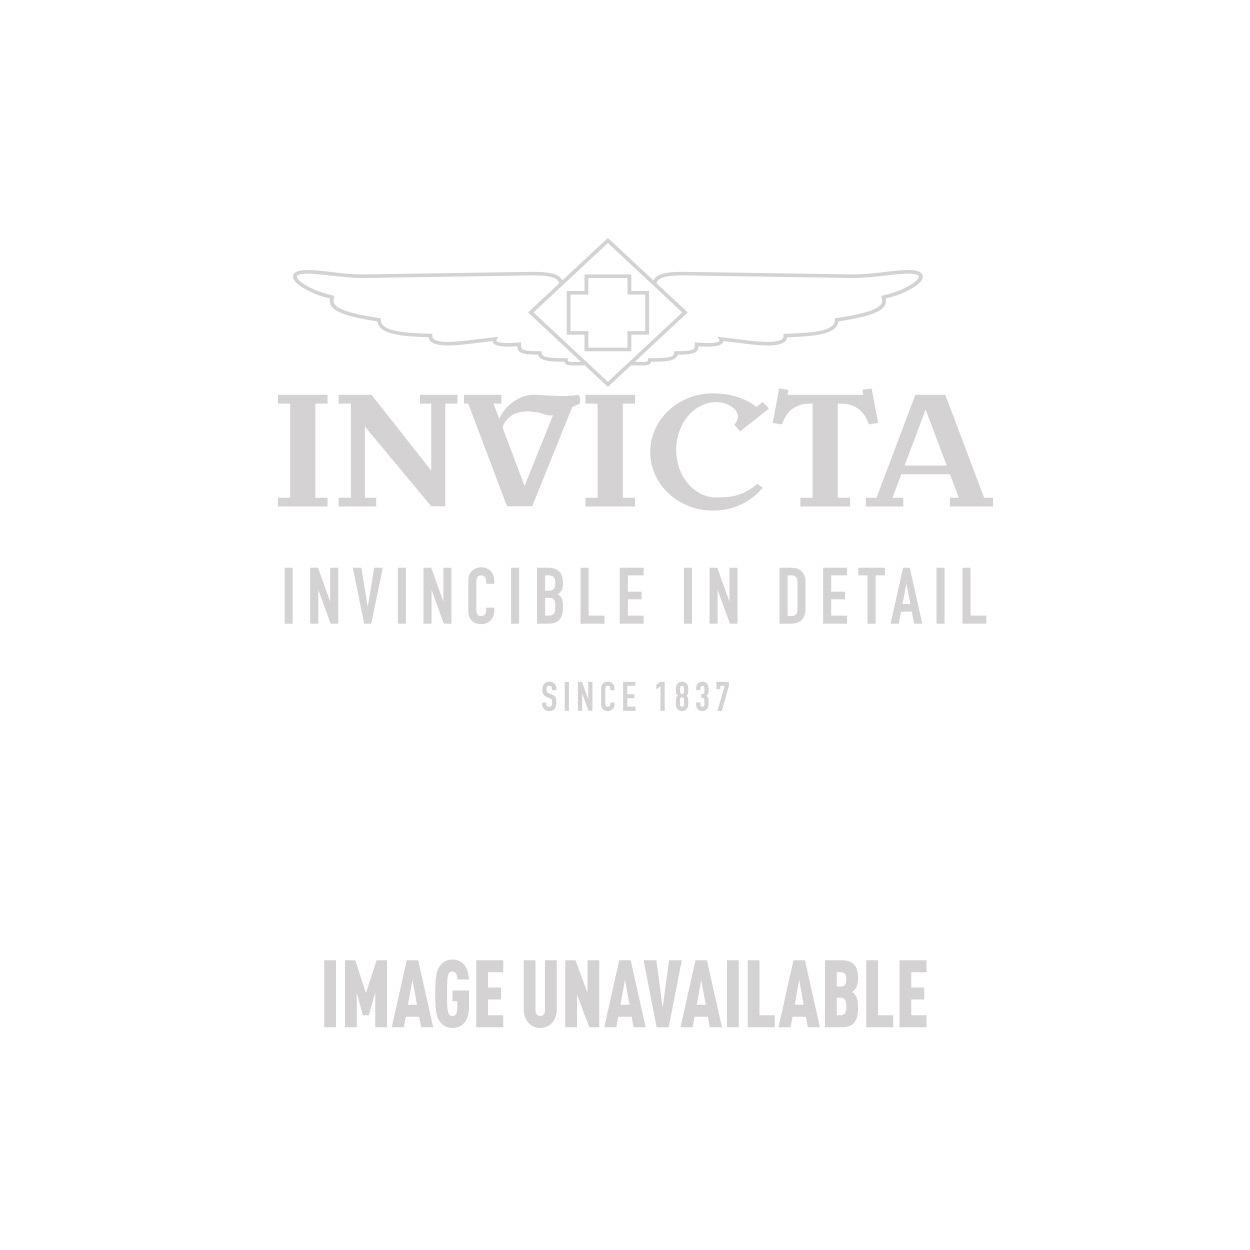 Invicta Model 23678